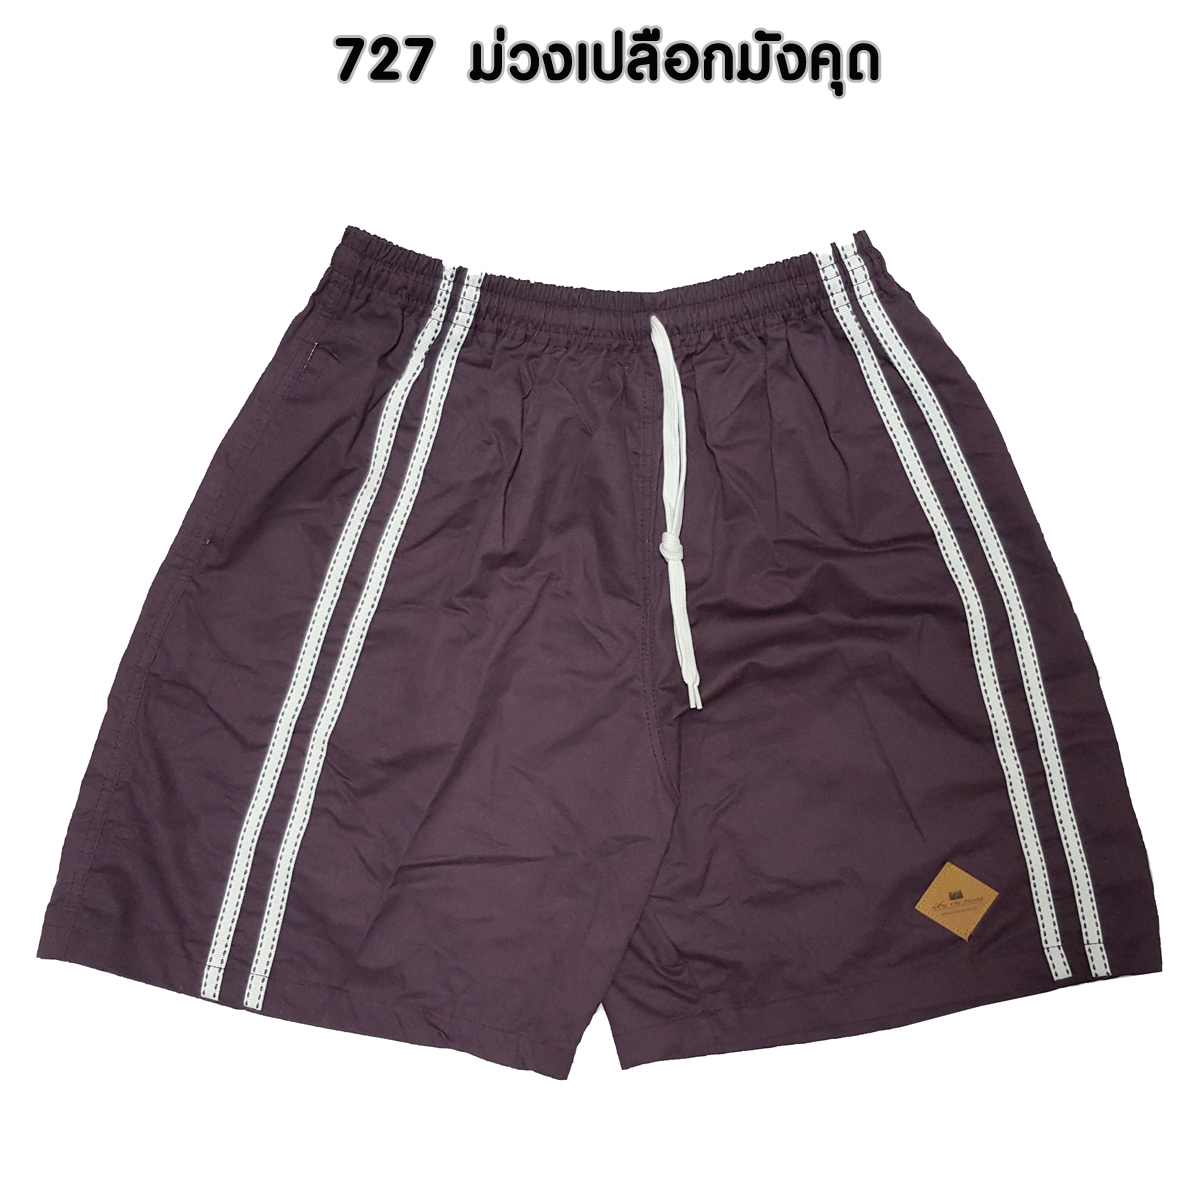 กางเกงขาสั้น SPORT 7 รหัส727 สีม่วงเปลือกมังคุด